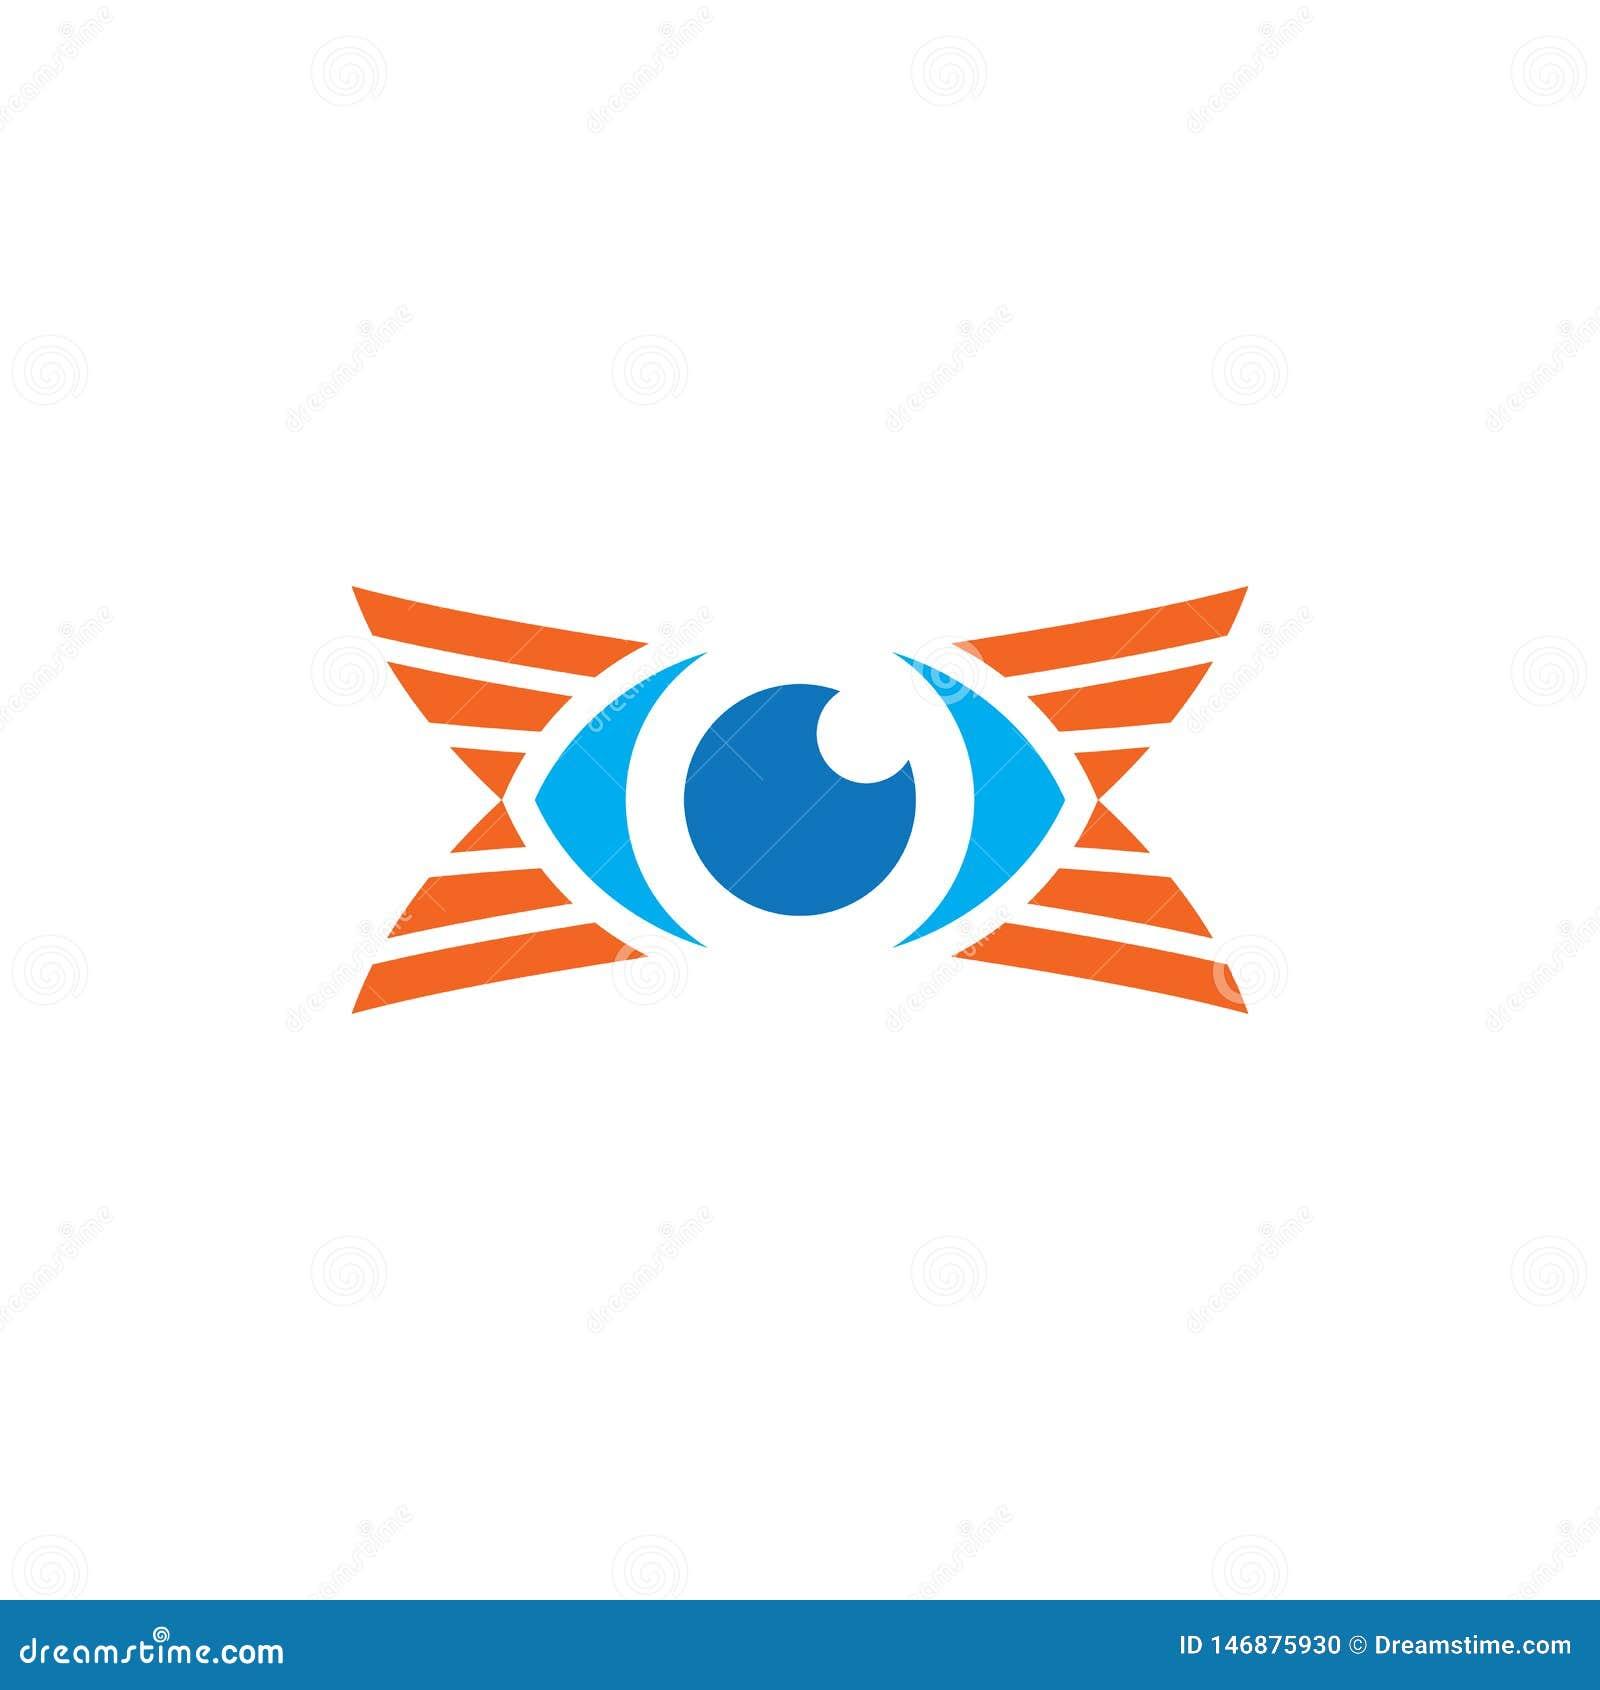 眼睛视觉商标业务设计